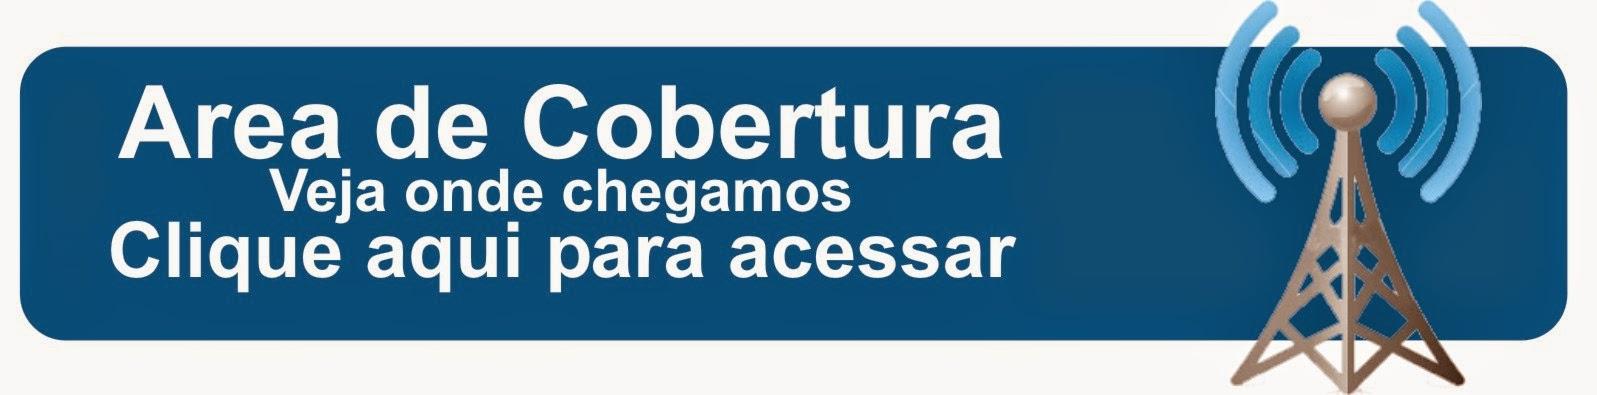 AREA DE COBERTURA